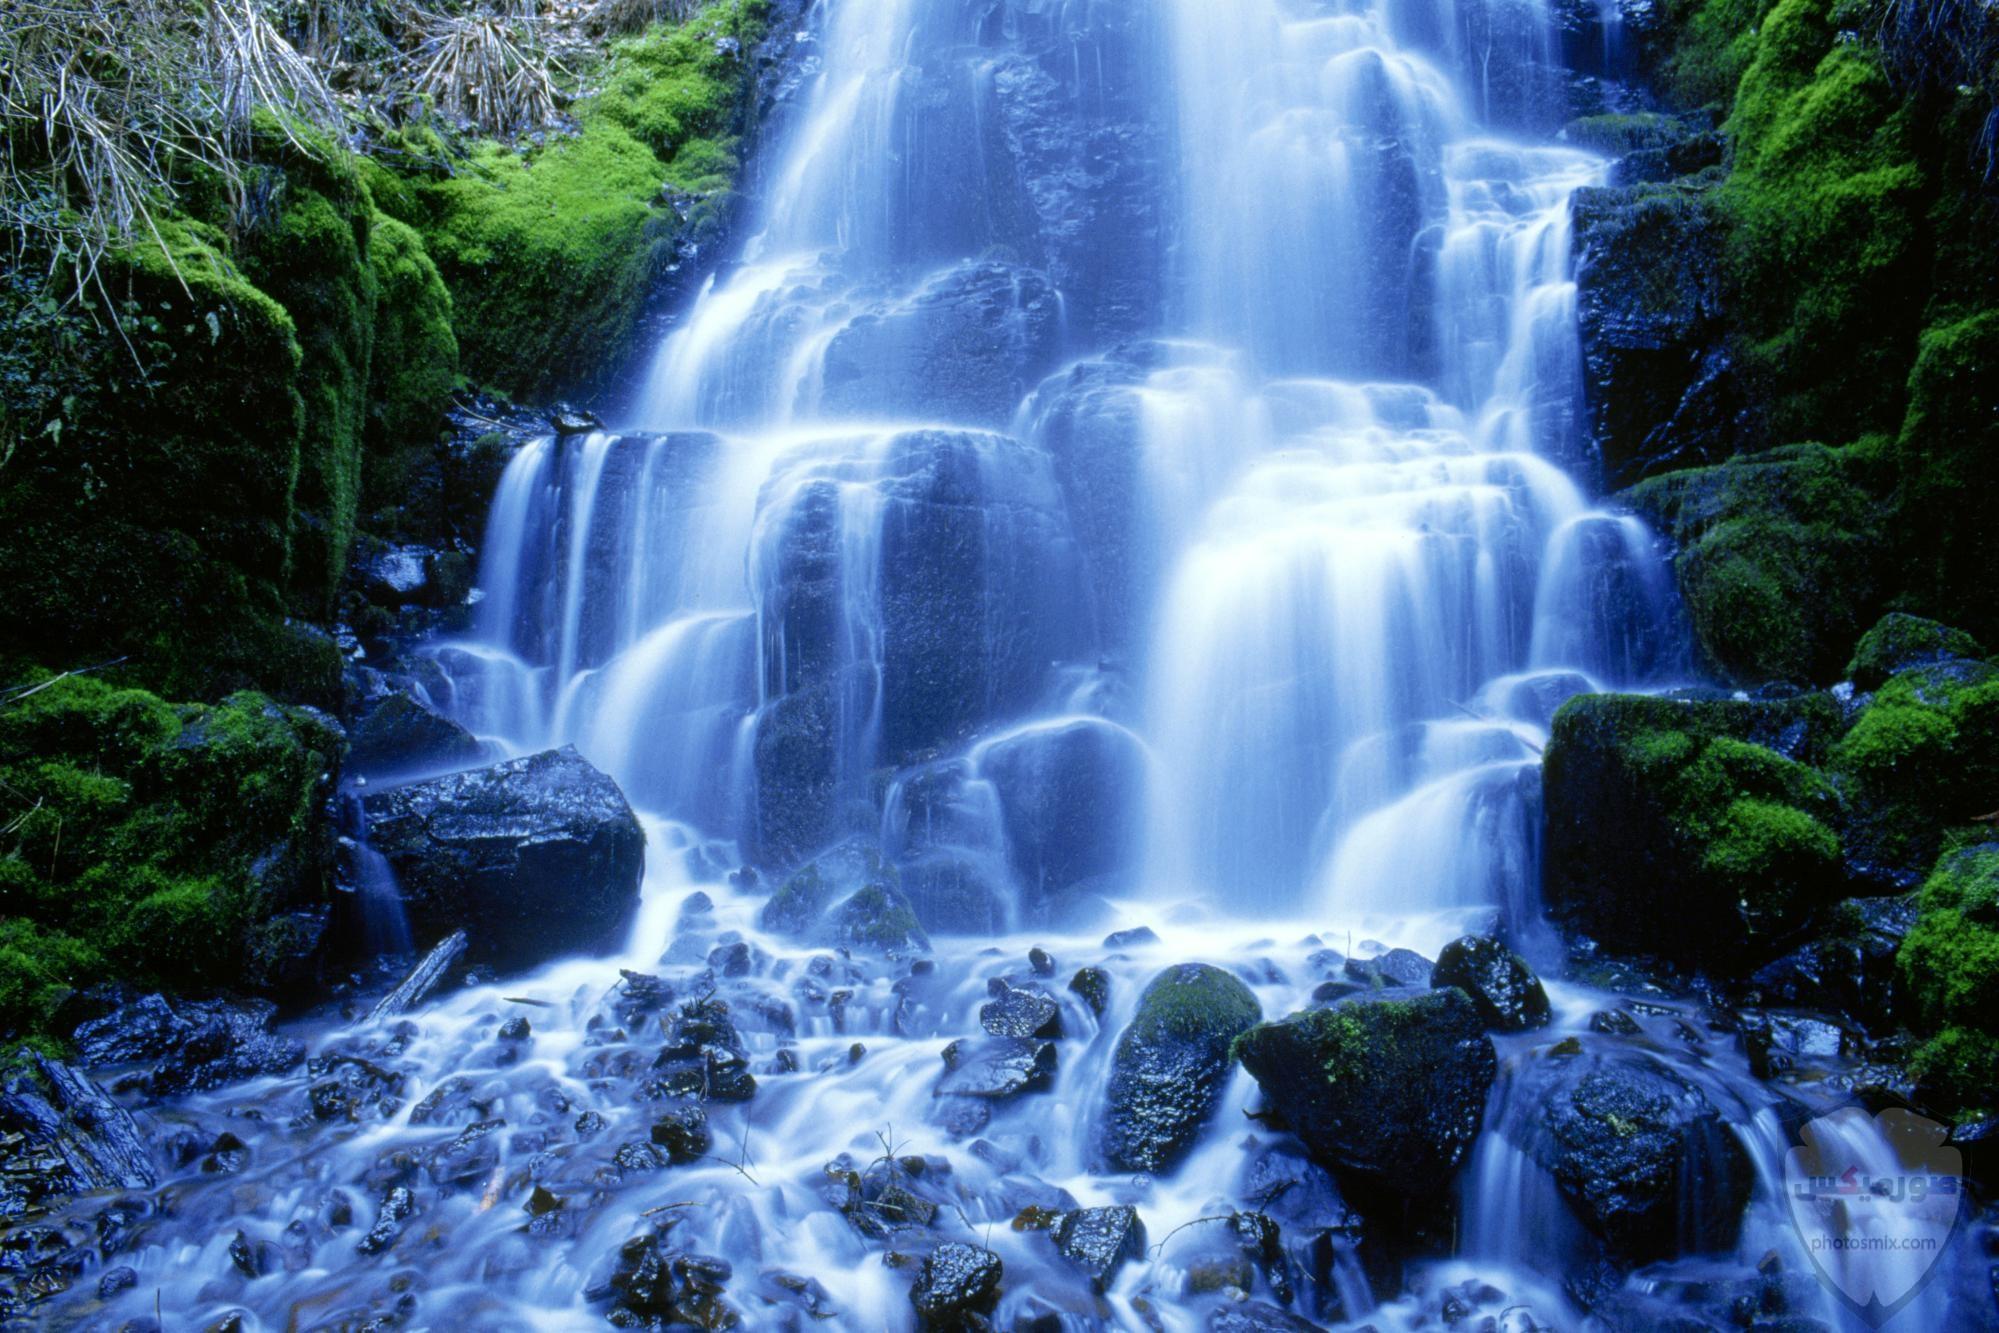 صور خلفيات جميلة مناظر طبيعية بجودة HD 9